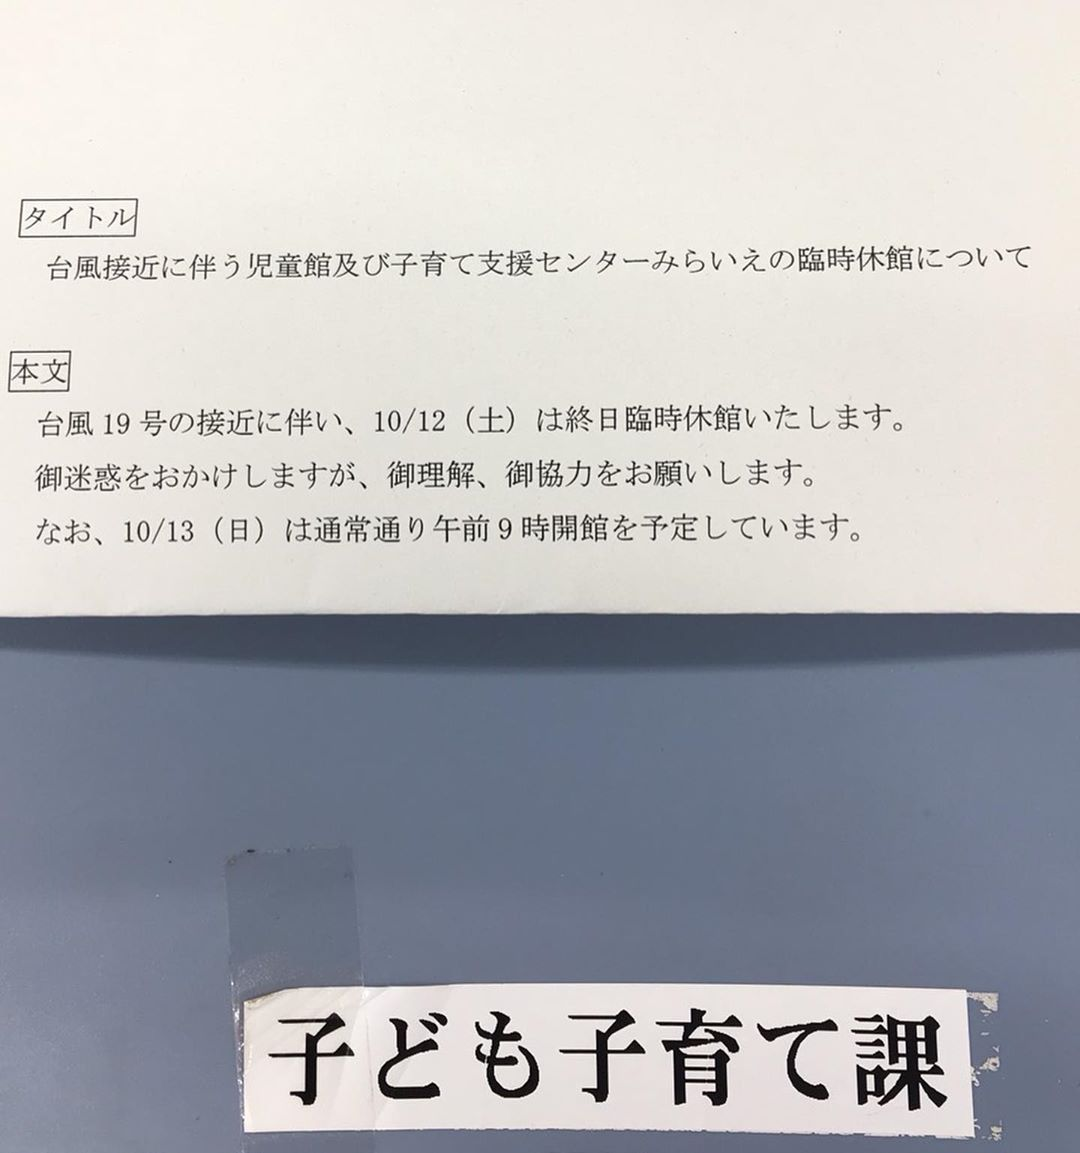 ☆台風19号接近に伴うお知らせ